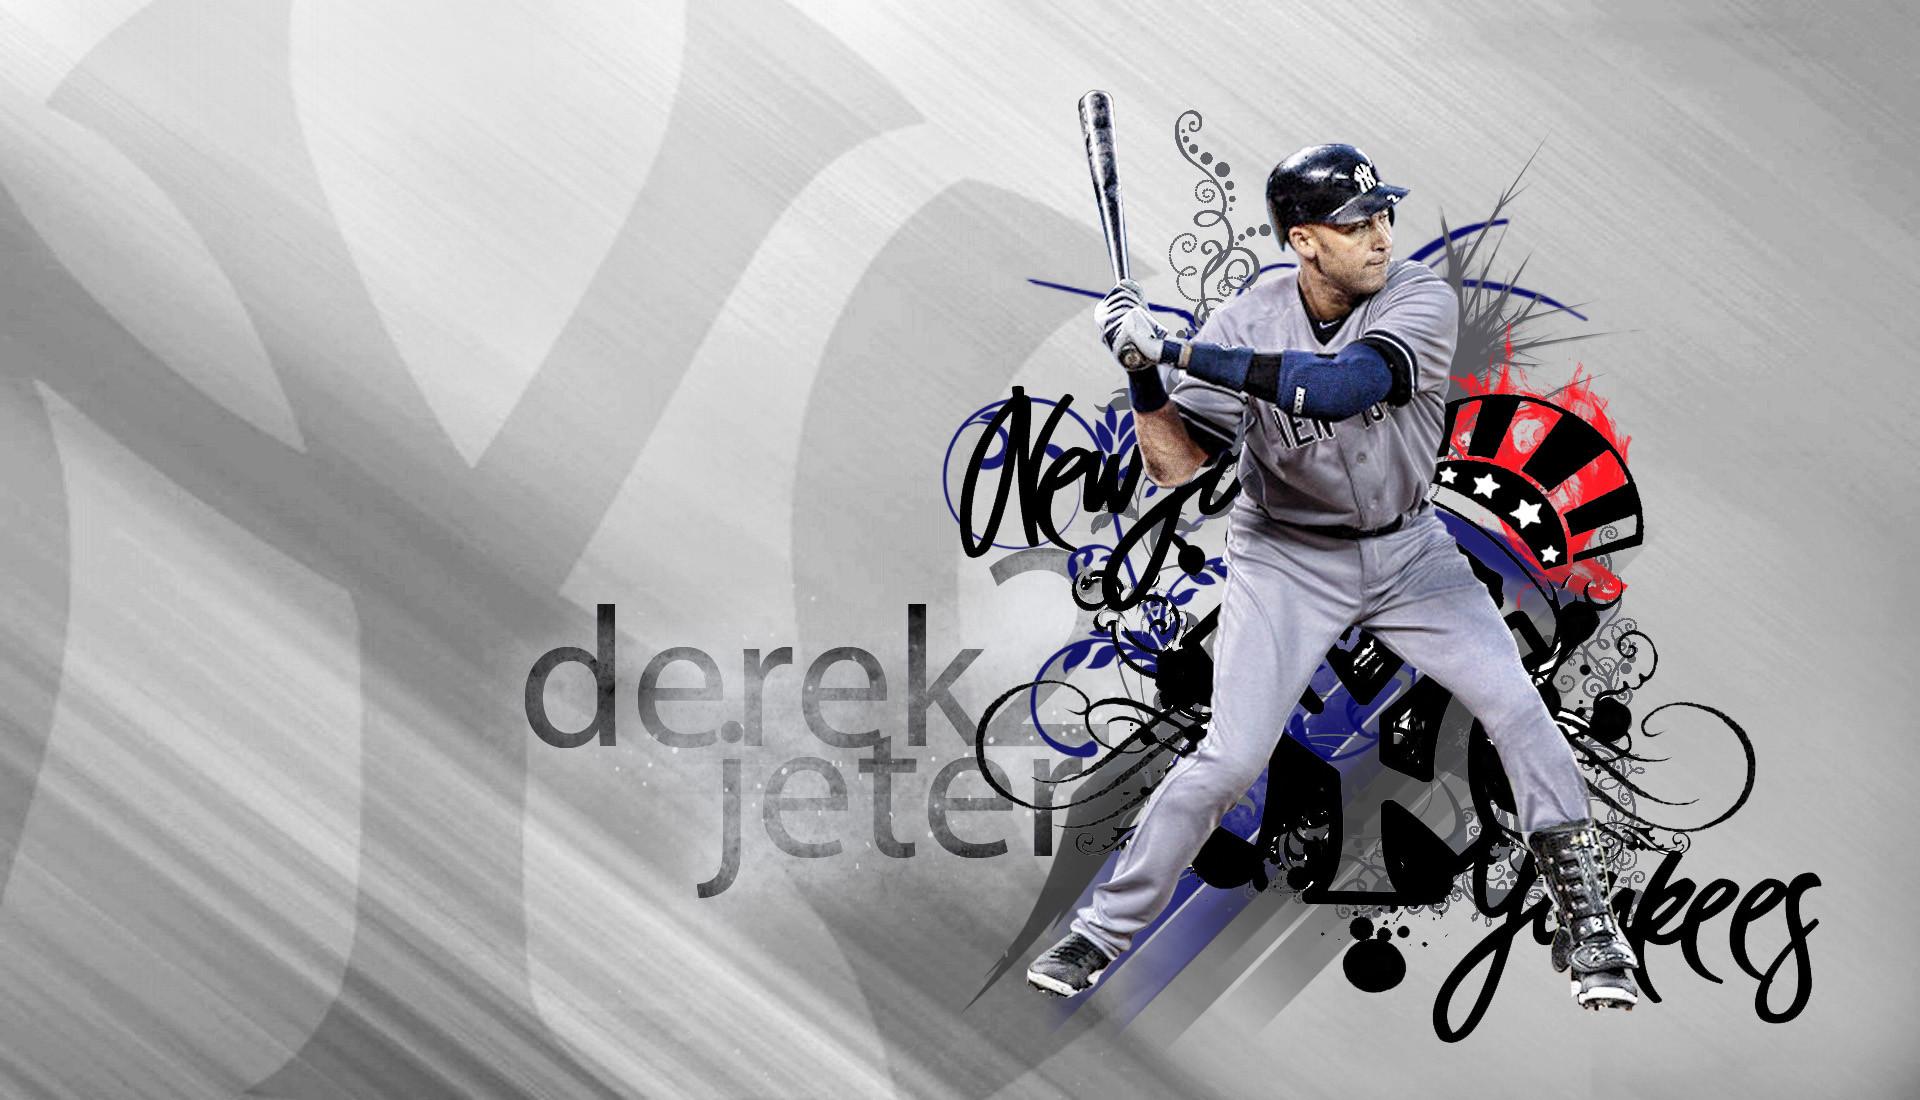 Derek Jeter Cool Wallpaper Windows Mode